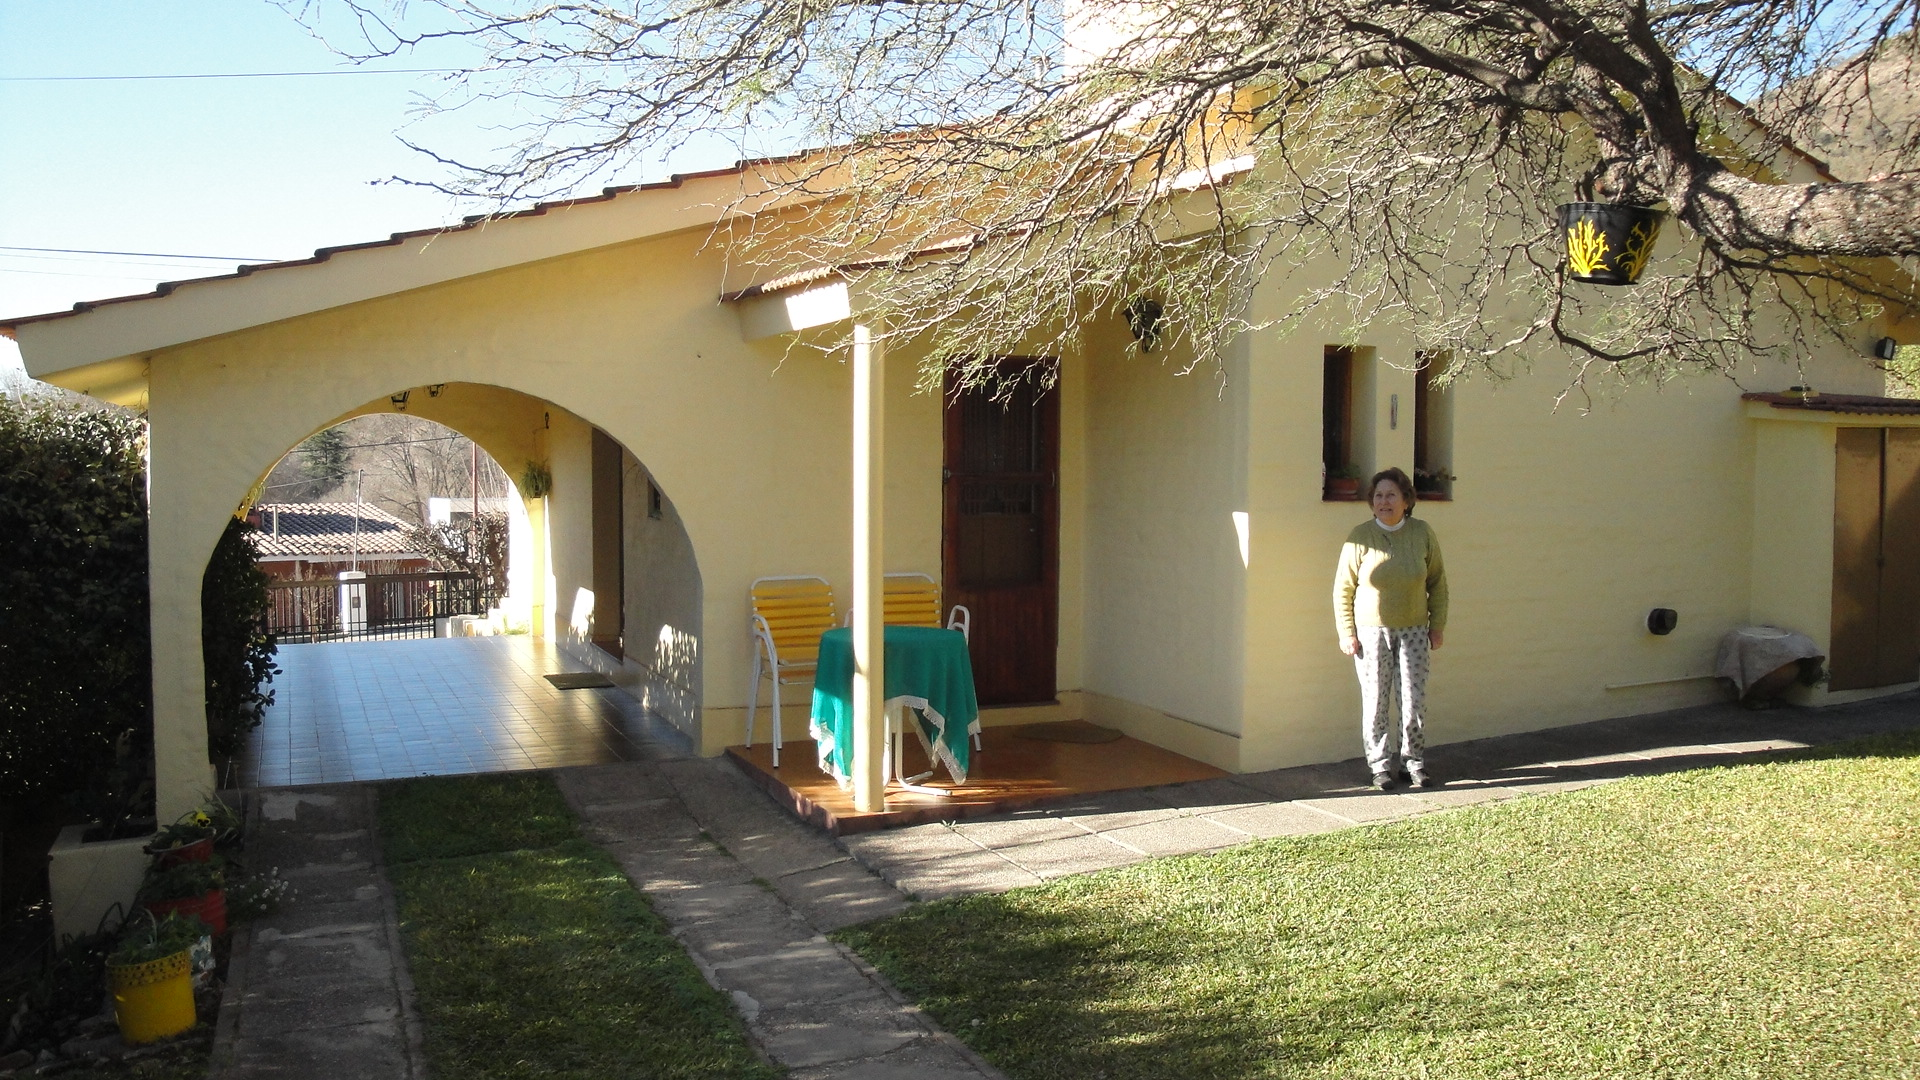 For sale villa villa carlos paz cordoba argentina los - Carlos cordoba ...